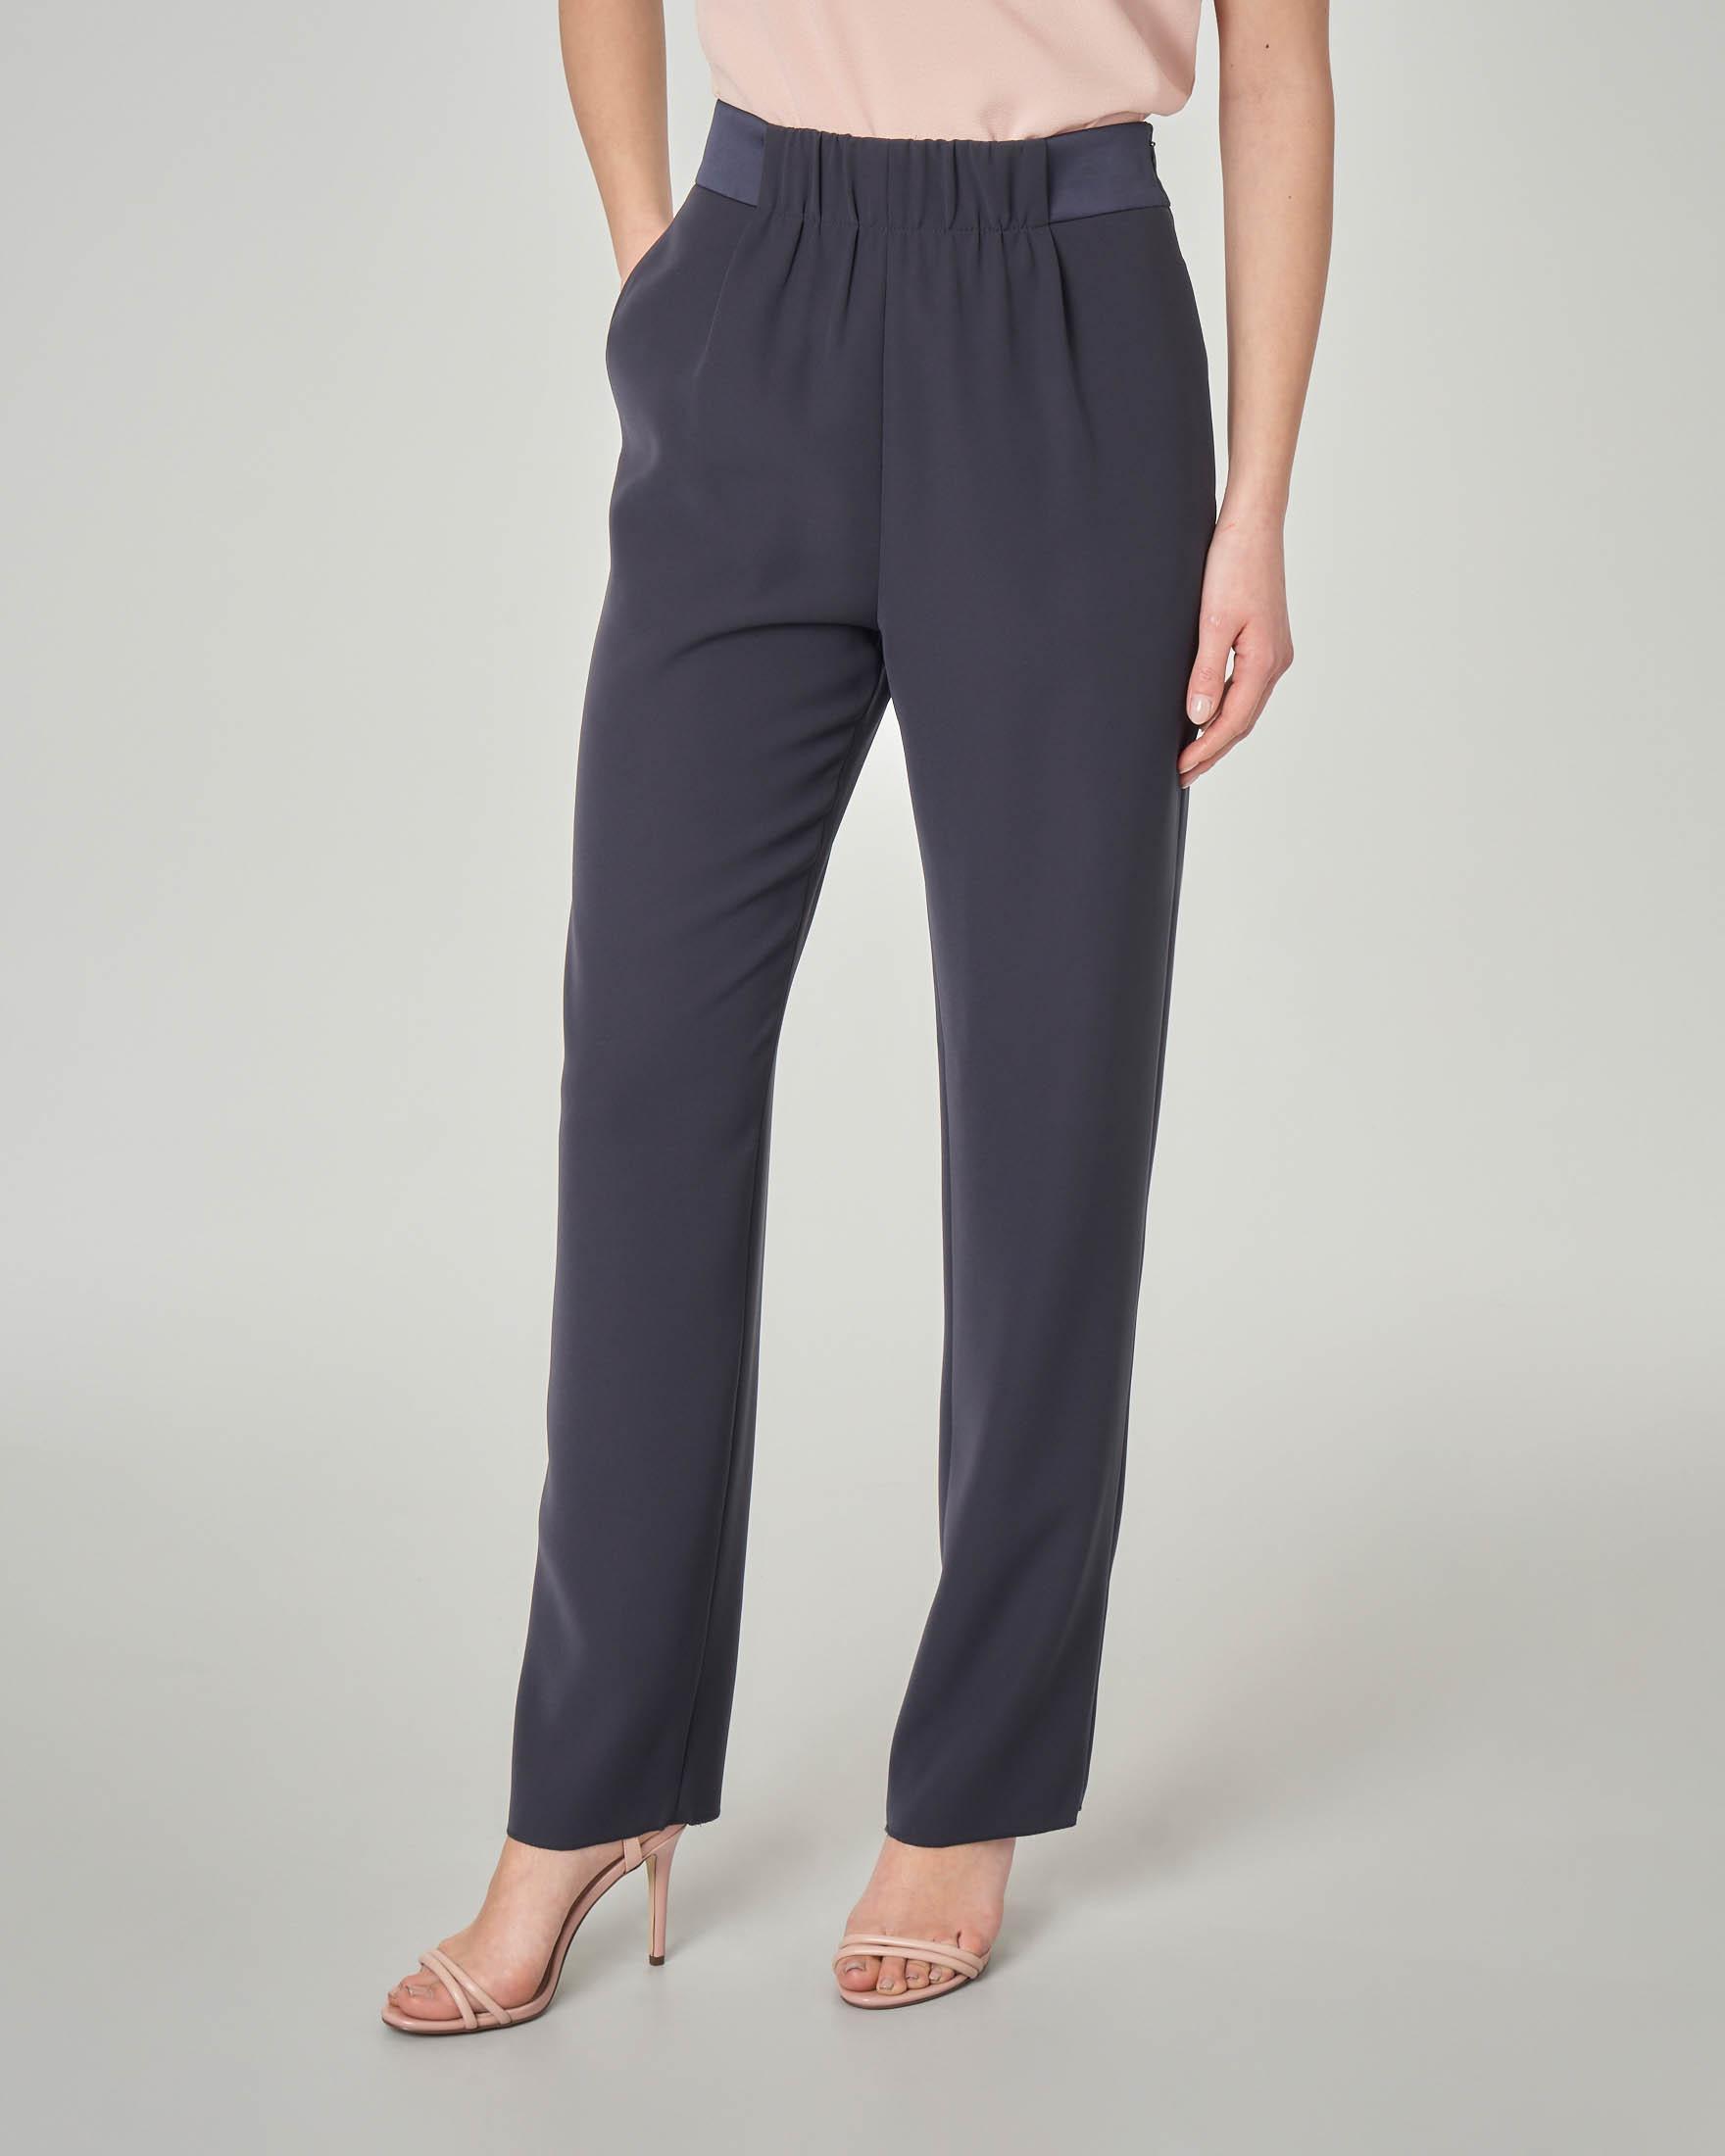 Pantalone blu dritto con fascia in raso in vita